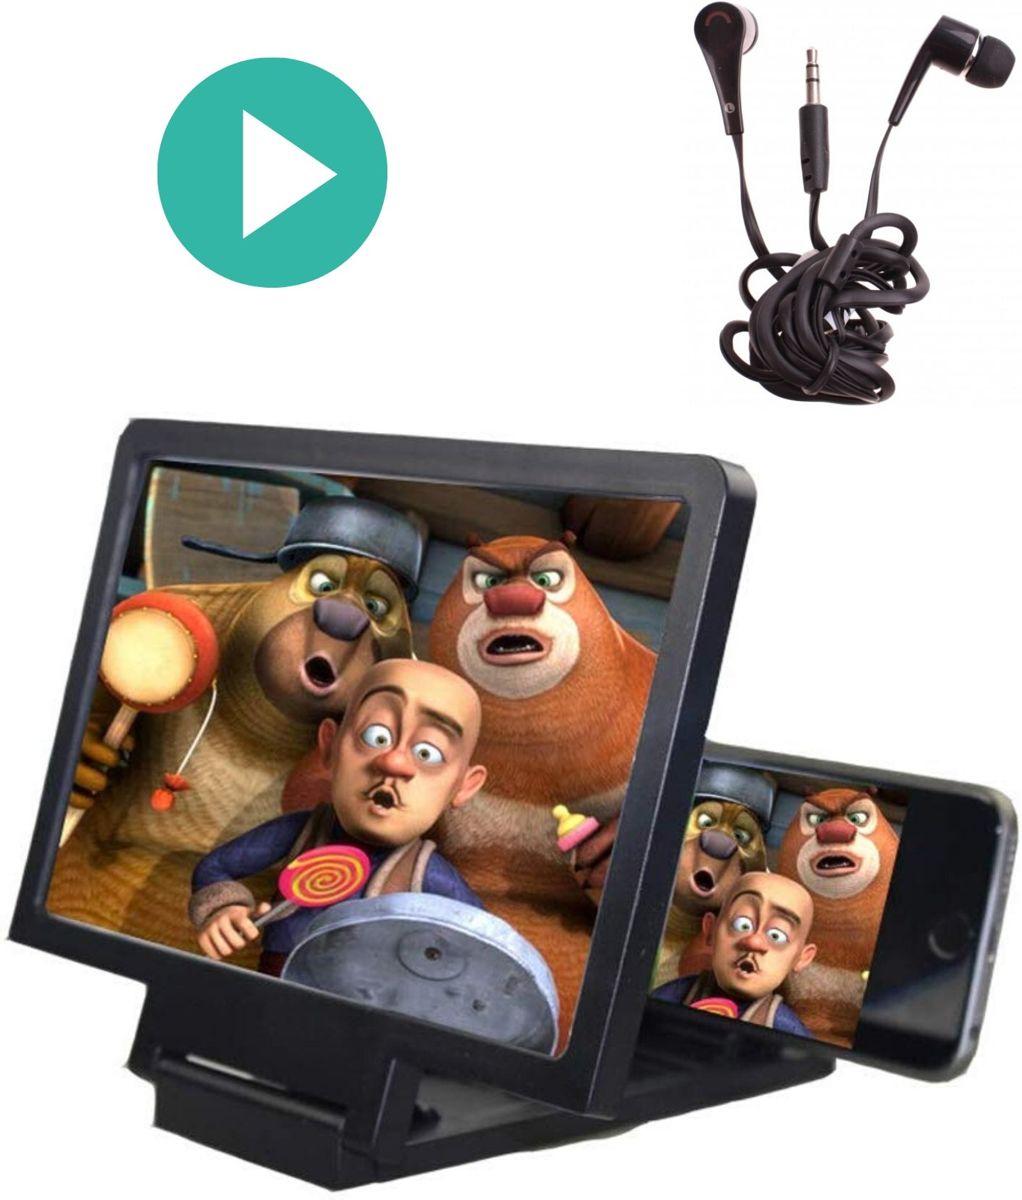 3D full HD telefoon schermvergroter -  vergrootscherm beeldscherm vergroter - projectiebeeldscherm - telefoon vergrootglas voor ieder type telefoon! kopen